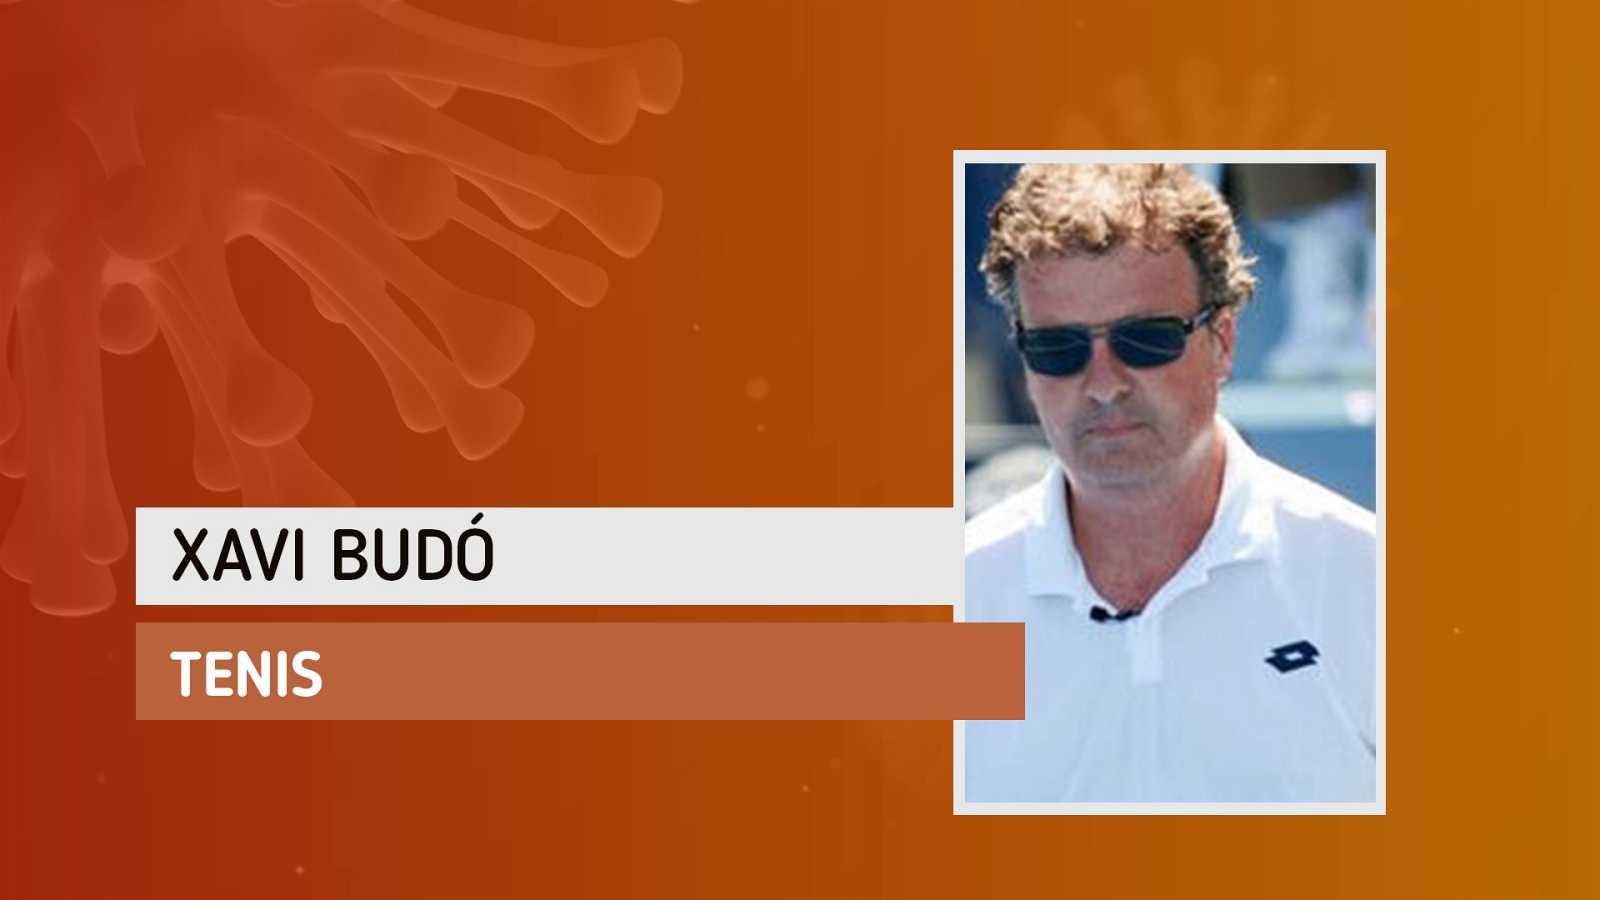 """Xavi Budó: """"Tengo ganas de abrazar a mis amigos sanitarios para agradecerles su trabajo"""""""